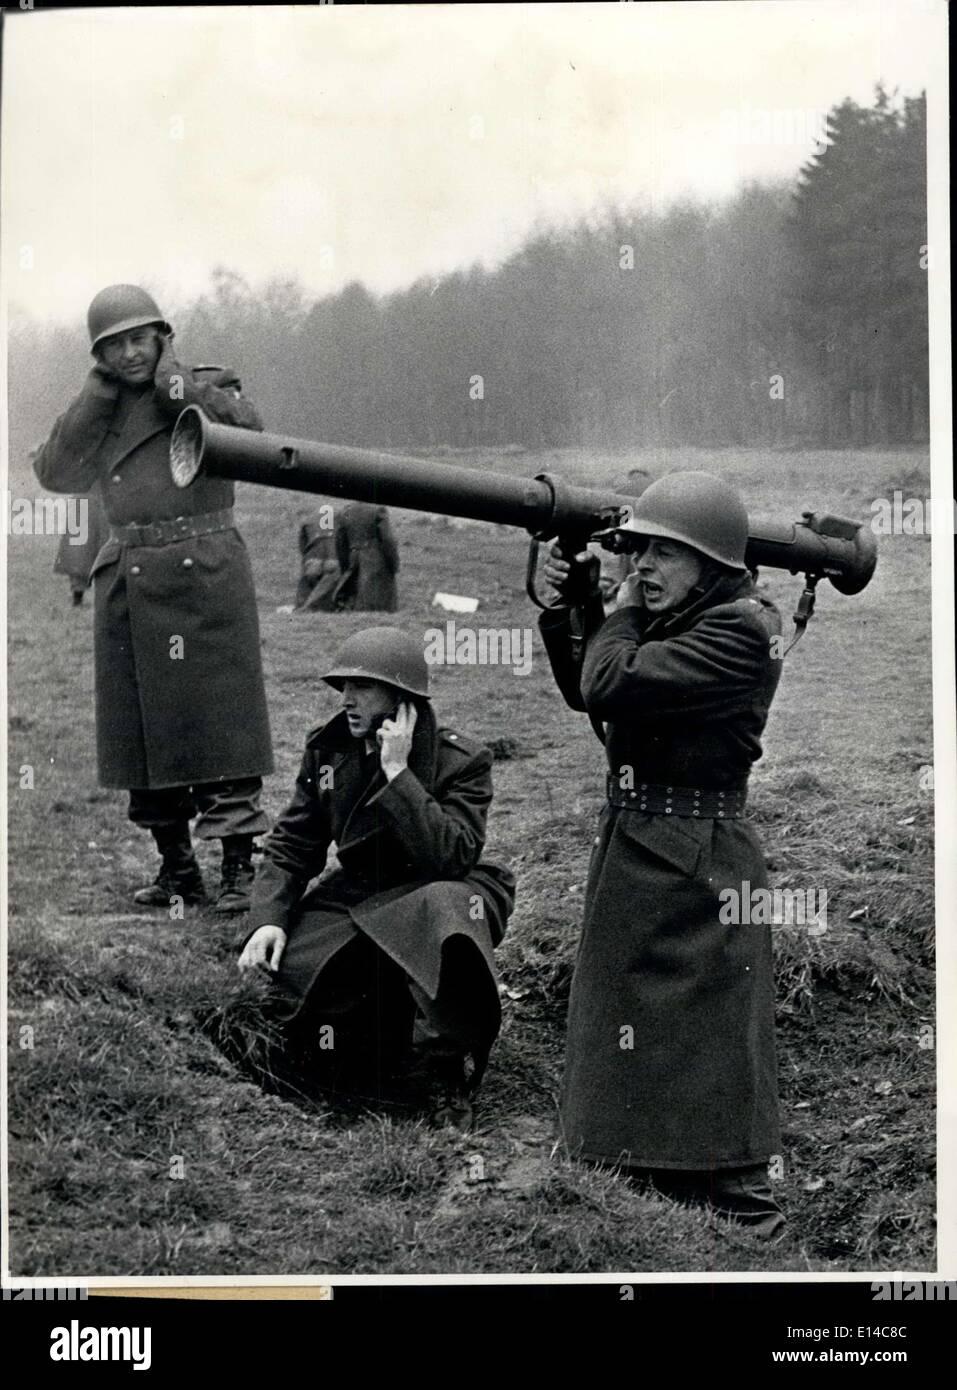 Apr. 17, 2012 - Prima della fine dell'istruzione militare soldati tedeschi sono apprese gestione ci moderno - bracci ama i bazooka e shell. Immagini Stock